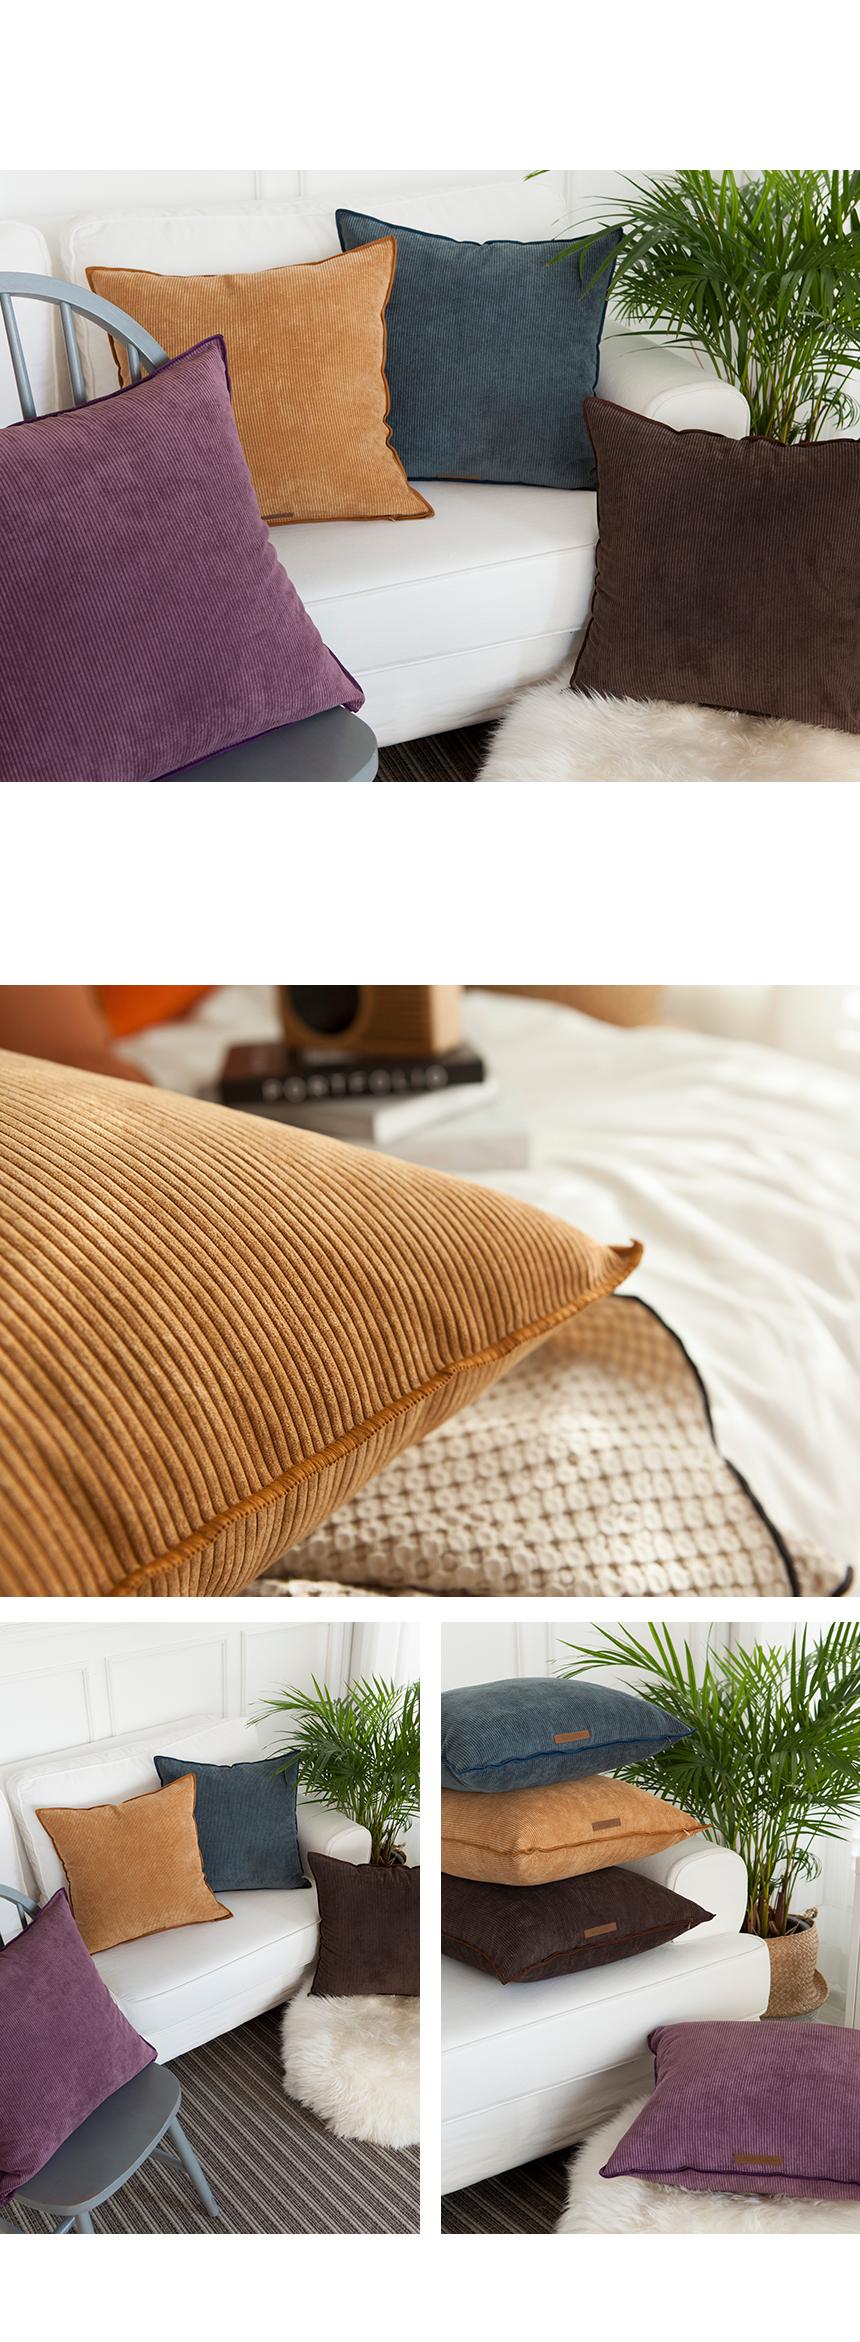 코르크 쿠션커버 - 4color - 마리하우스, 24,000원, 쿠션커버, 쿠션커버